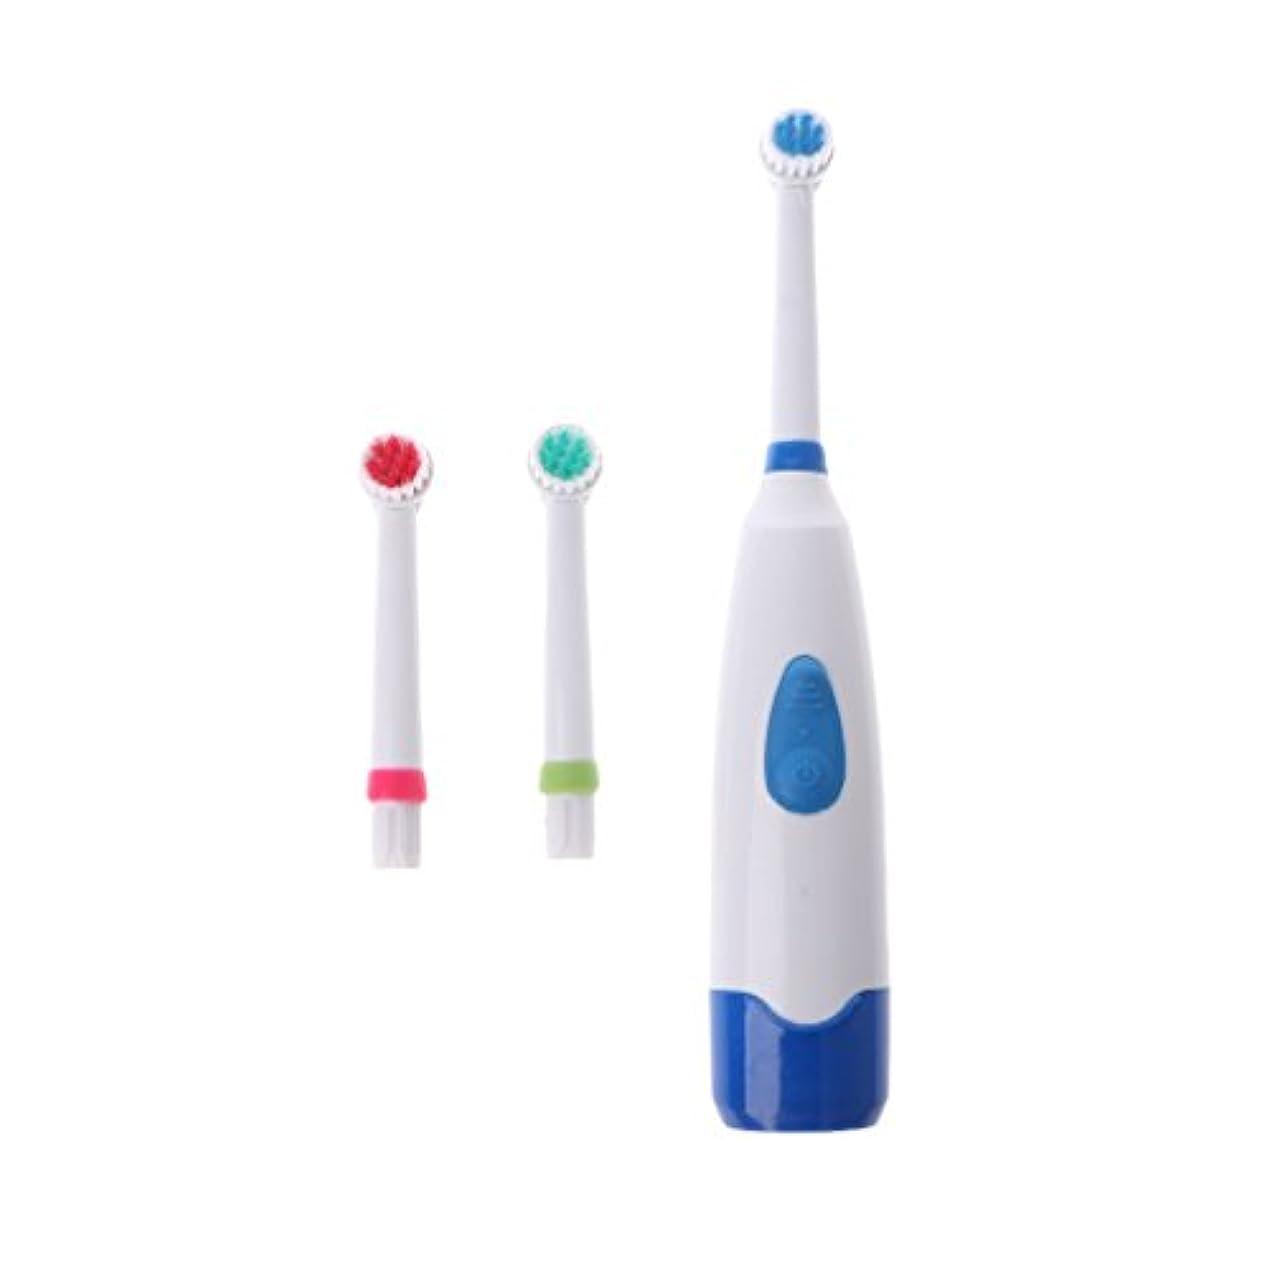 ブラシ不和未就学Manyao 3ブラシヘッドで防水回転電動歯ブラシ (青)